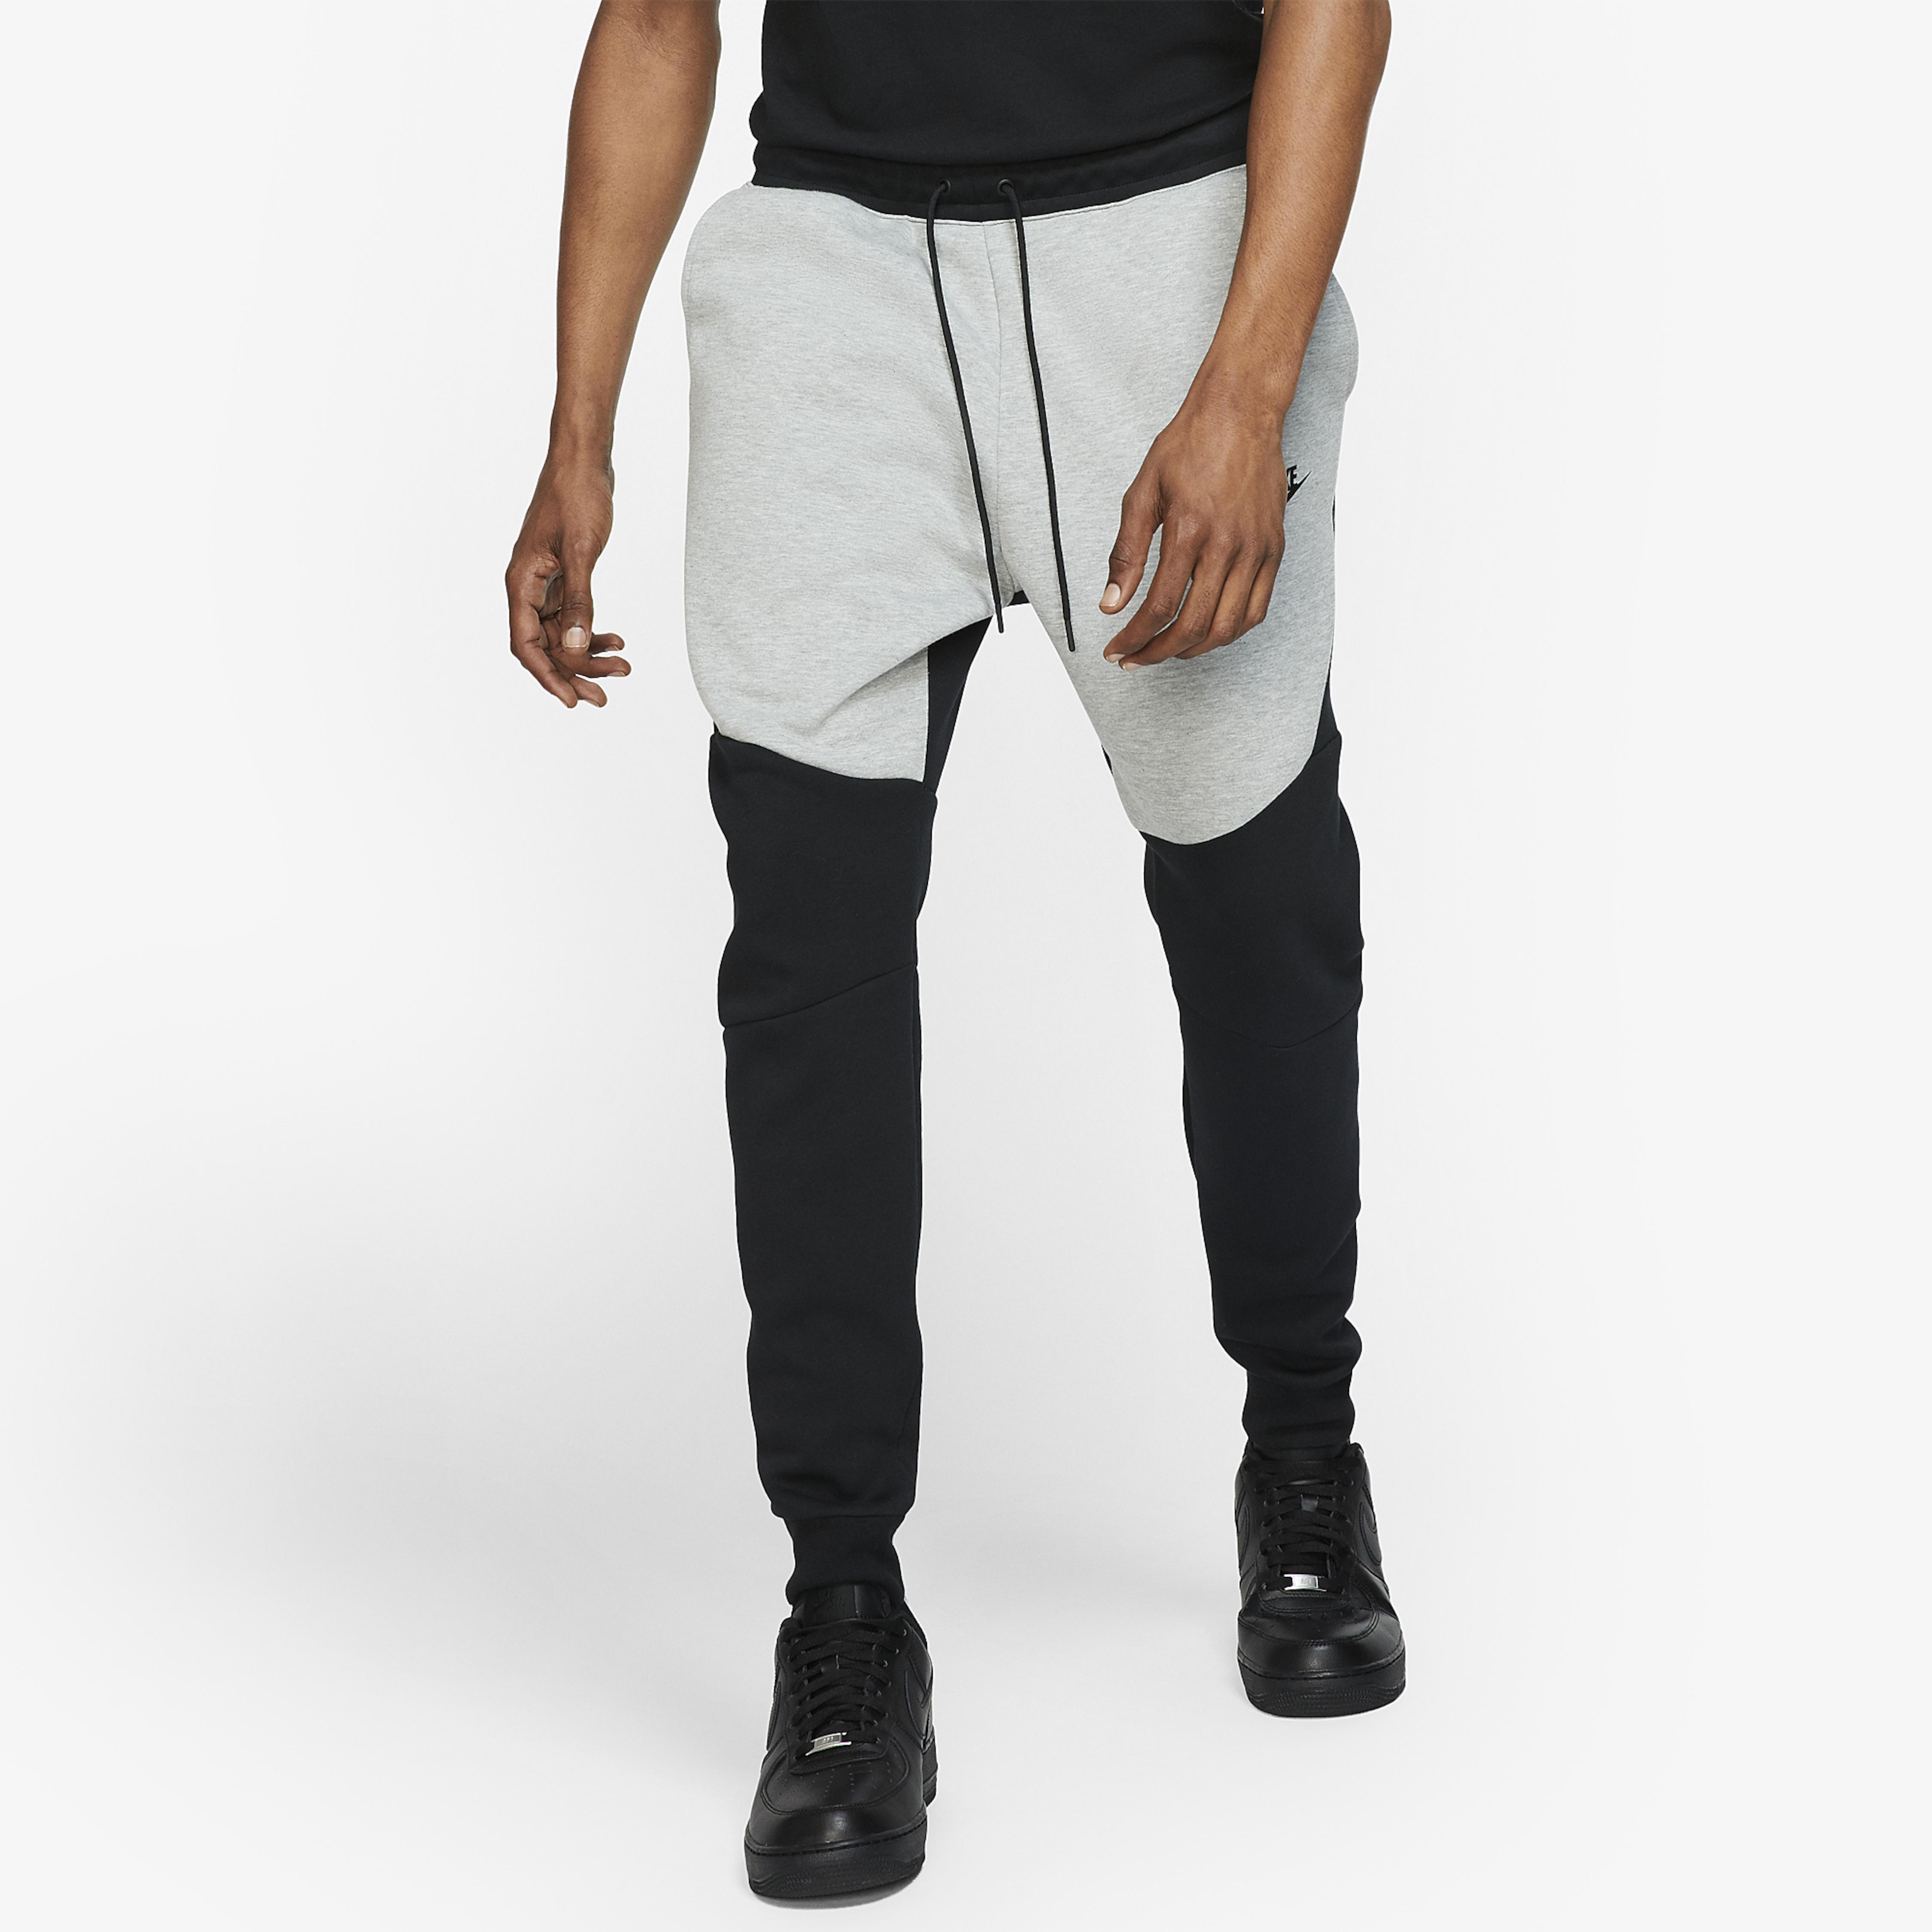 Nike Tech Fleece Joggers in Black/Dark